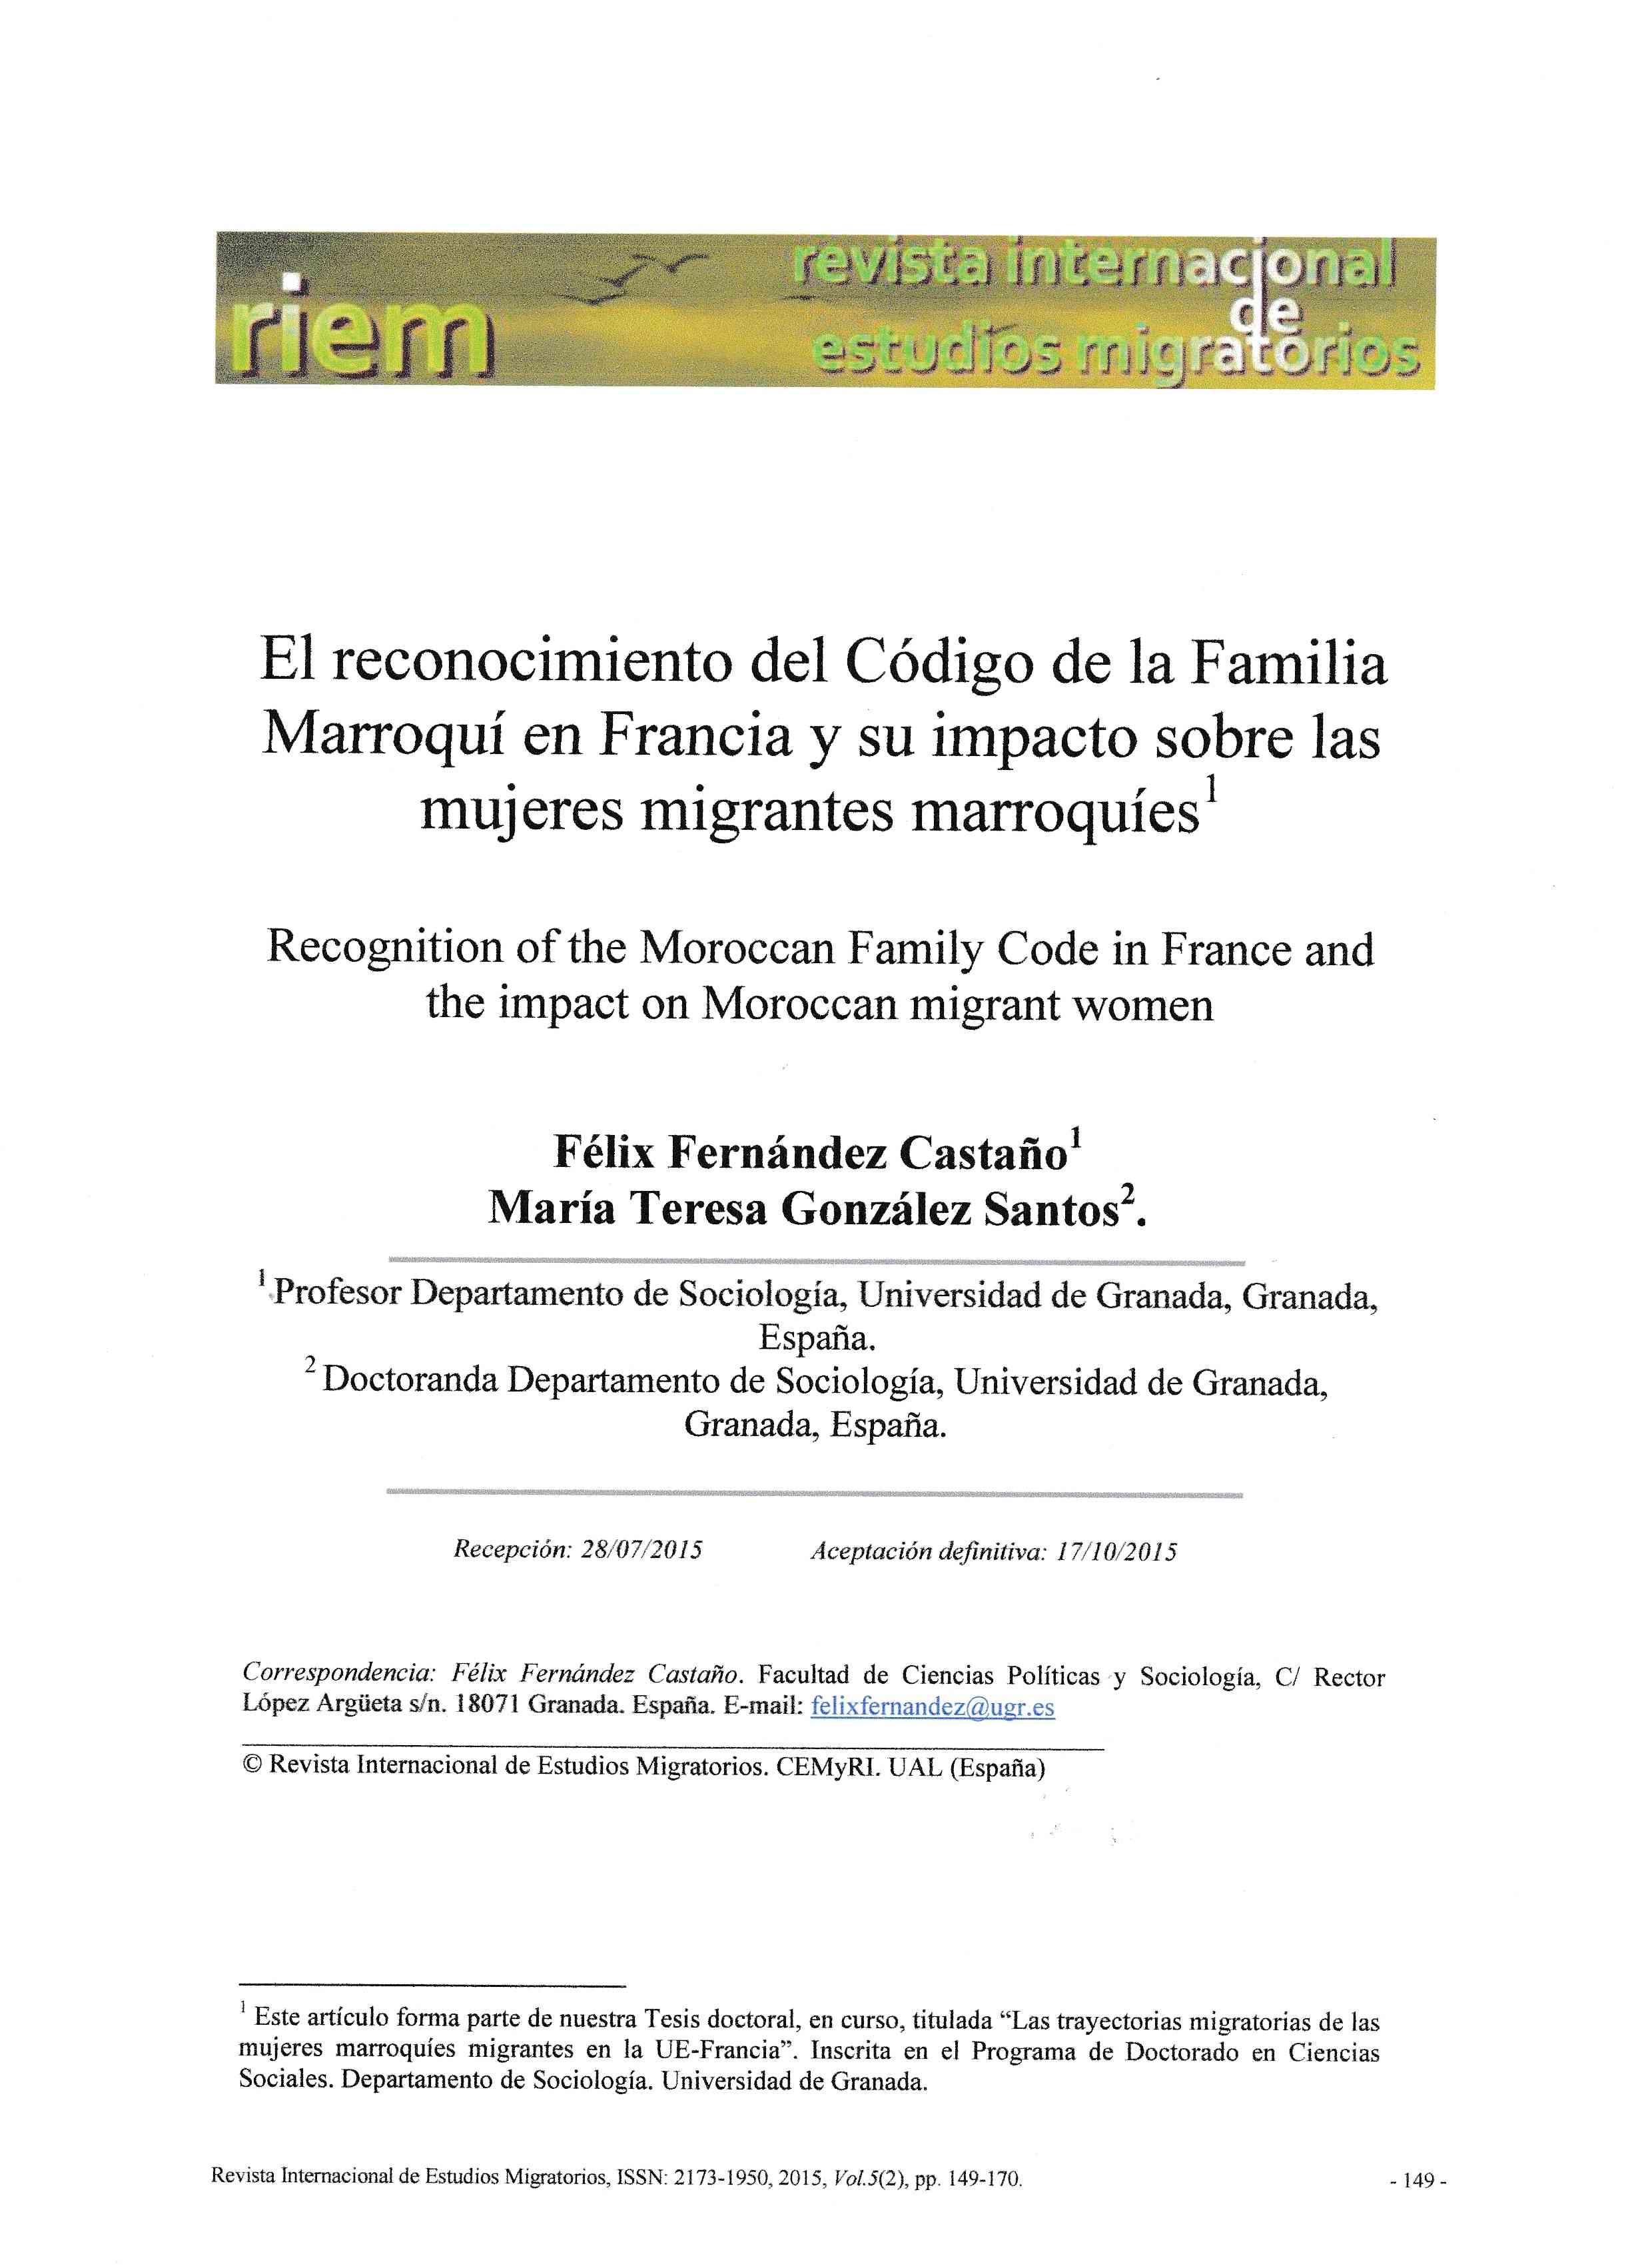 Conferencia: María Teresa González. El sistema migratorio franco-marroquí